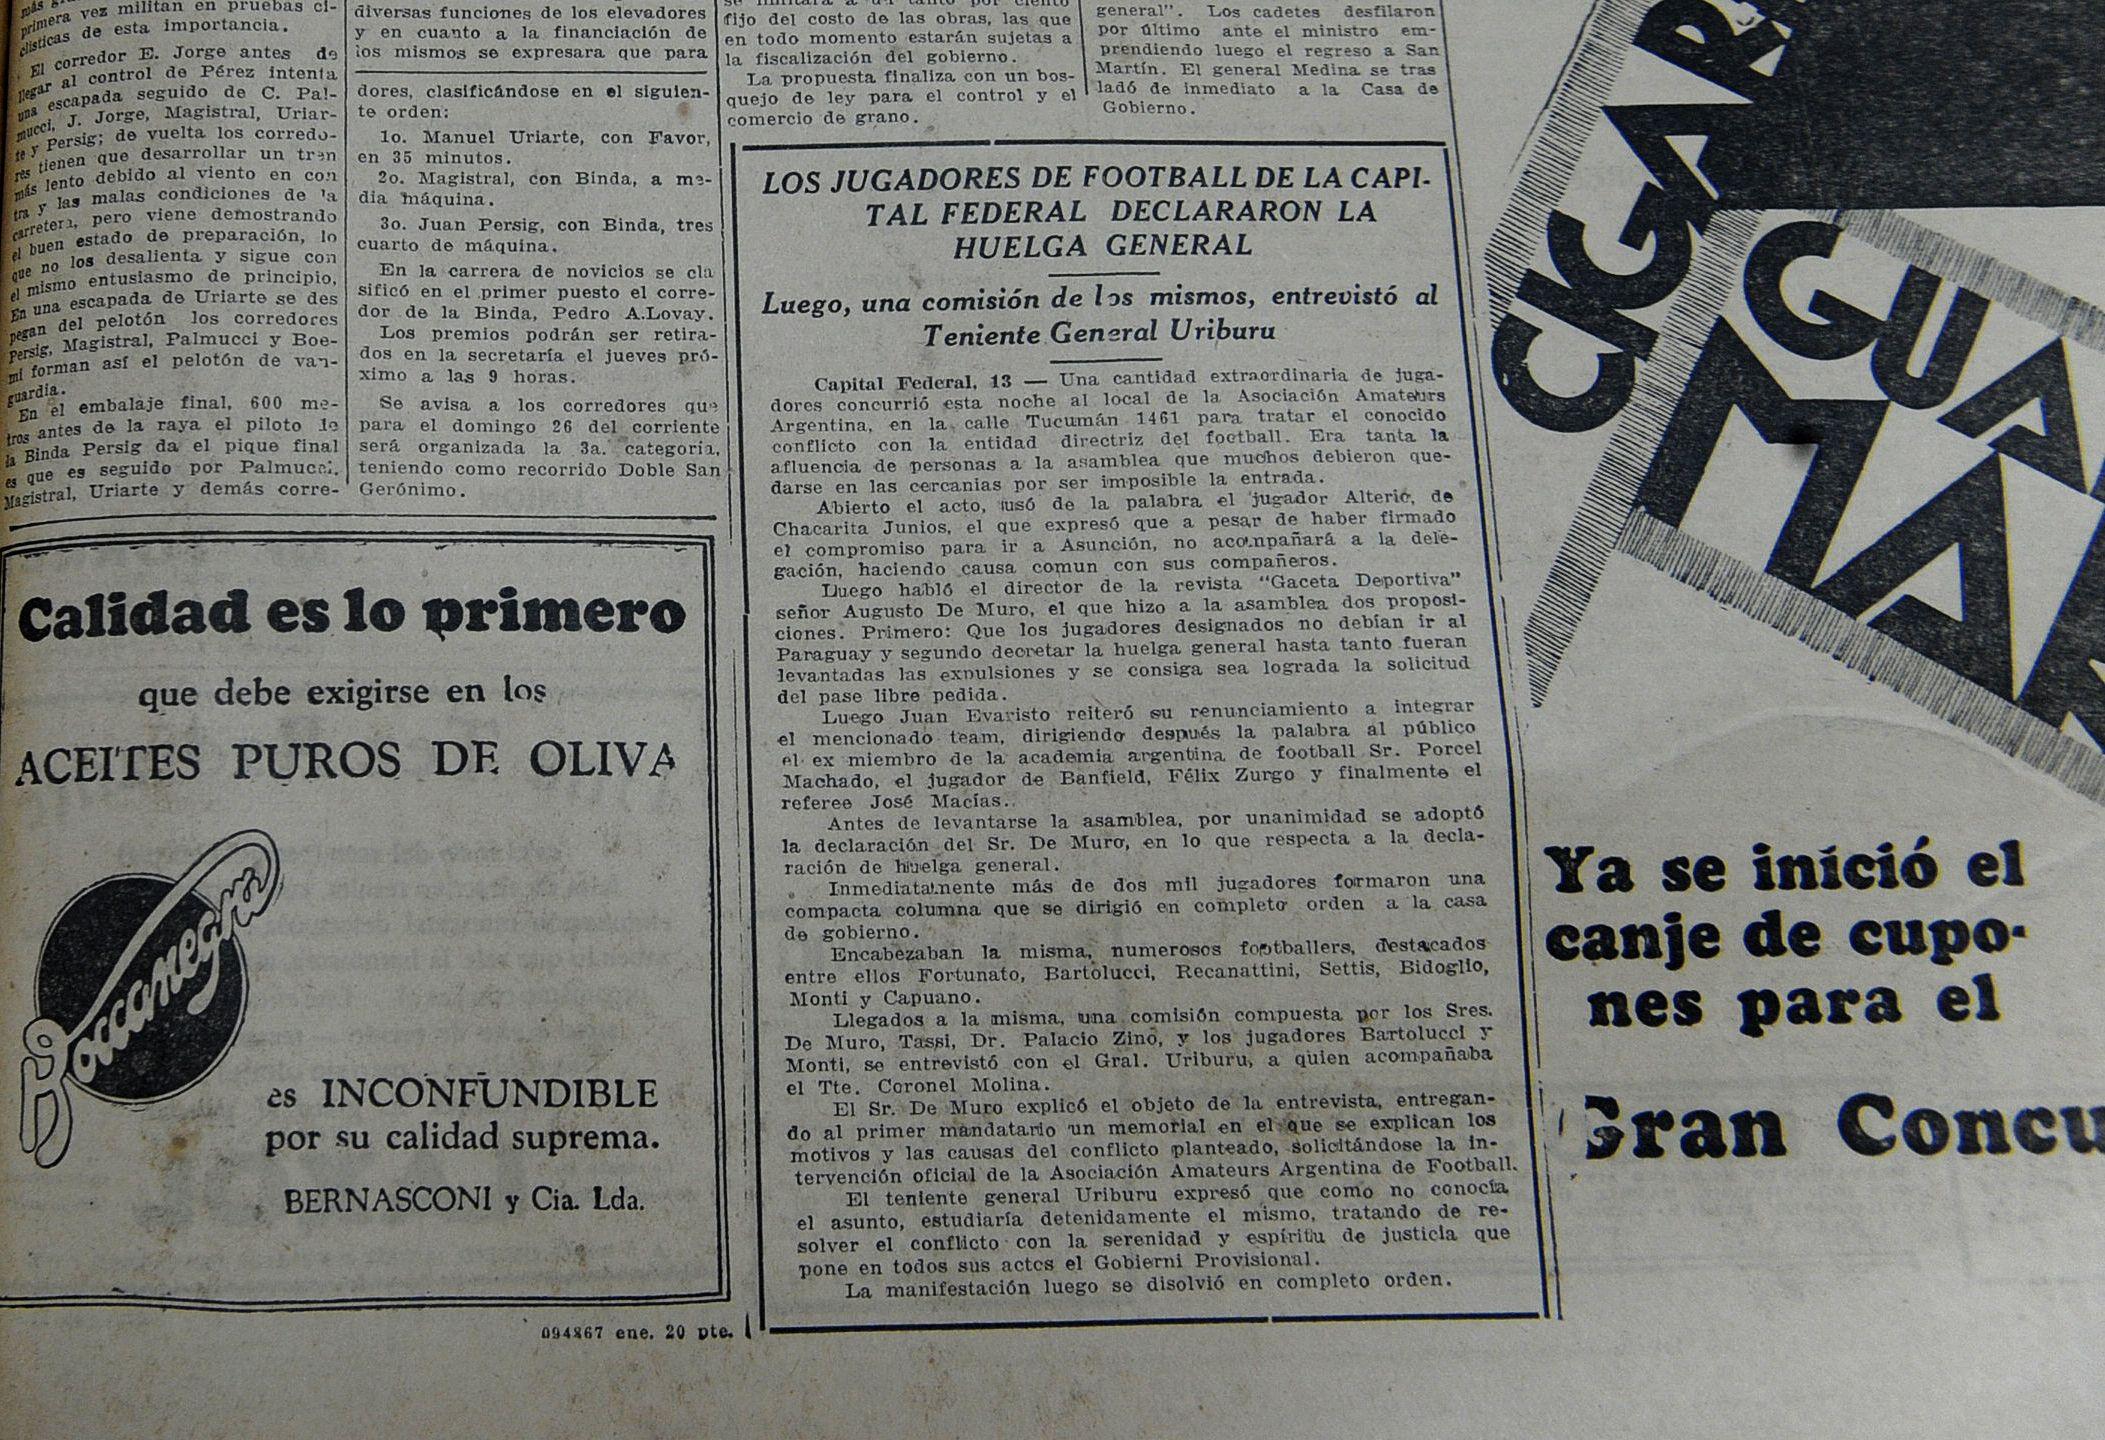 La Capital. La huelga  del 31 se publicó en  la página 9 del diario.